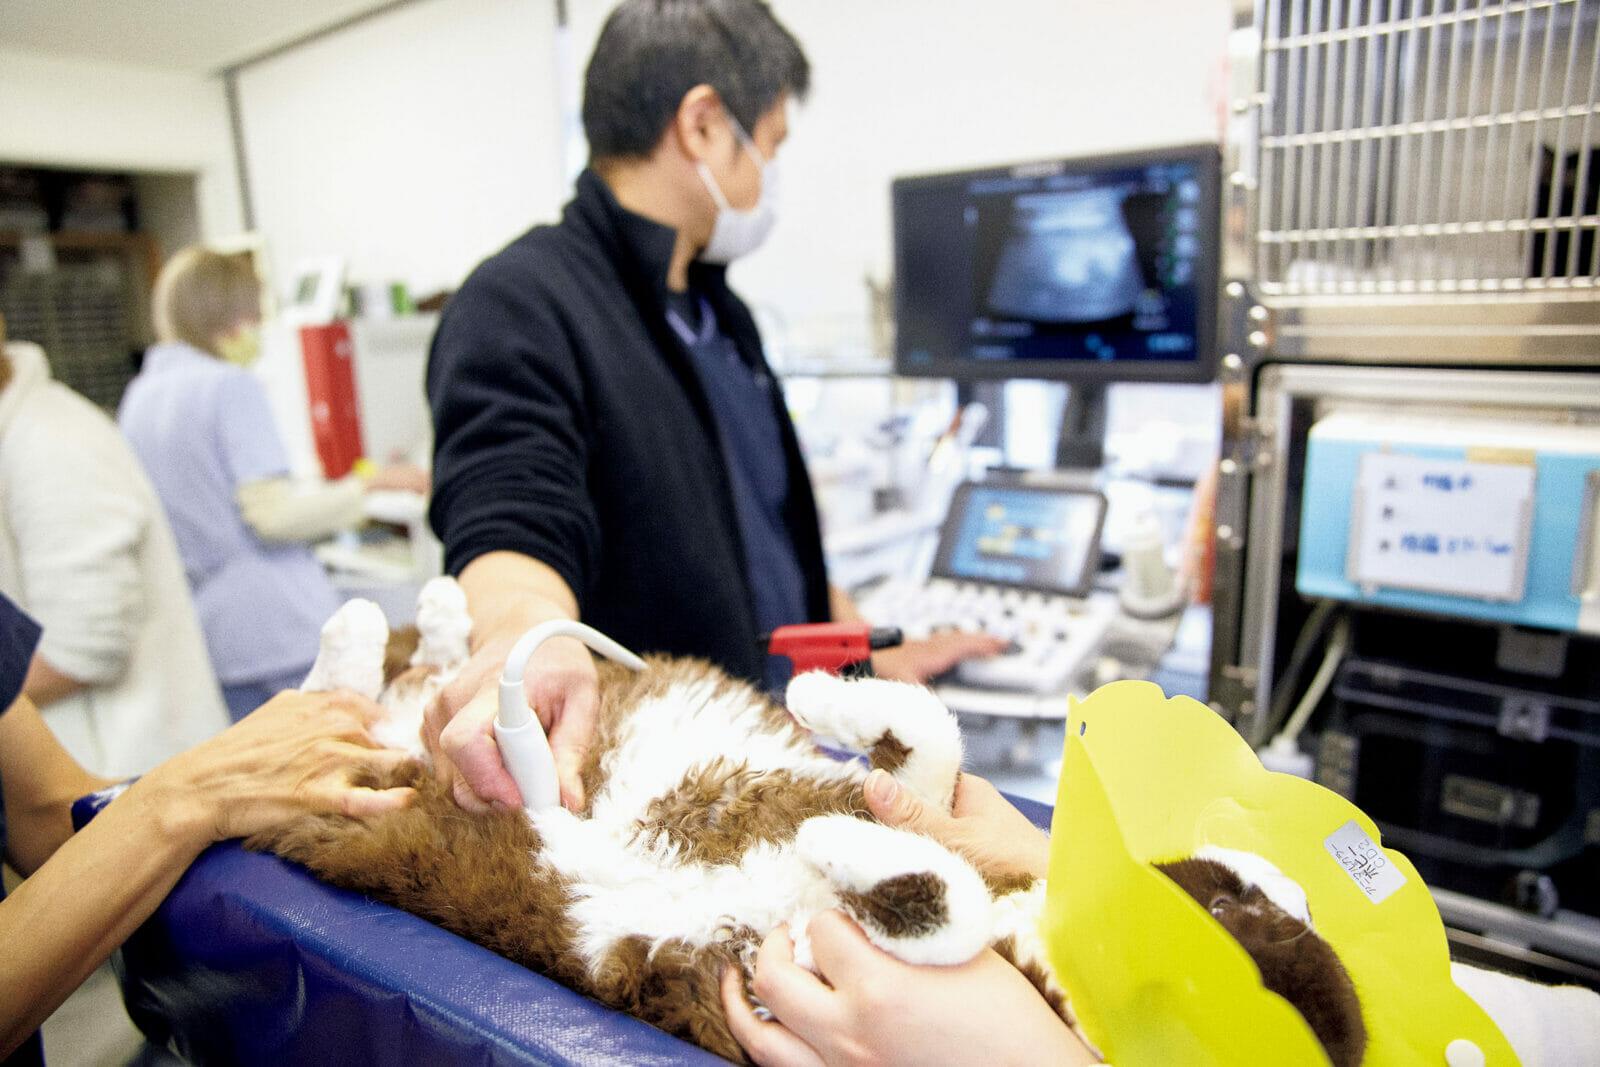 エコーで内臓をチェック血液を採取し膀胱から尿を採取。そして腎臓のエコー検査。腎臓や膀胱の病気を抱える猫は多いが「問題ないですね。セルカークは多発性嚢胞腎が多いんですがこれも問題なし」